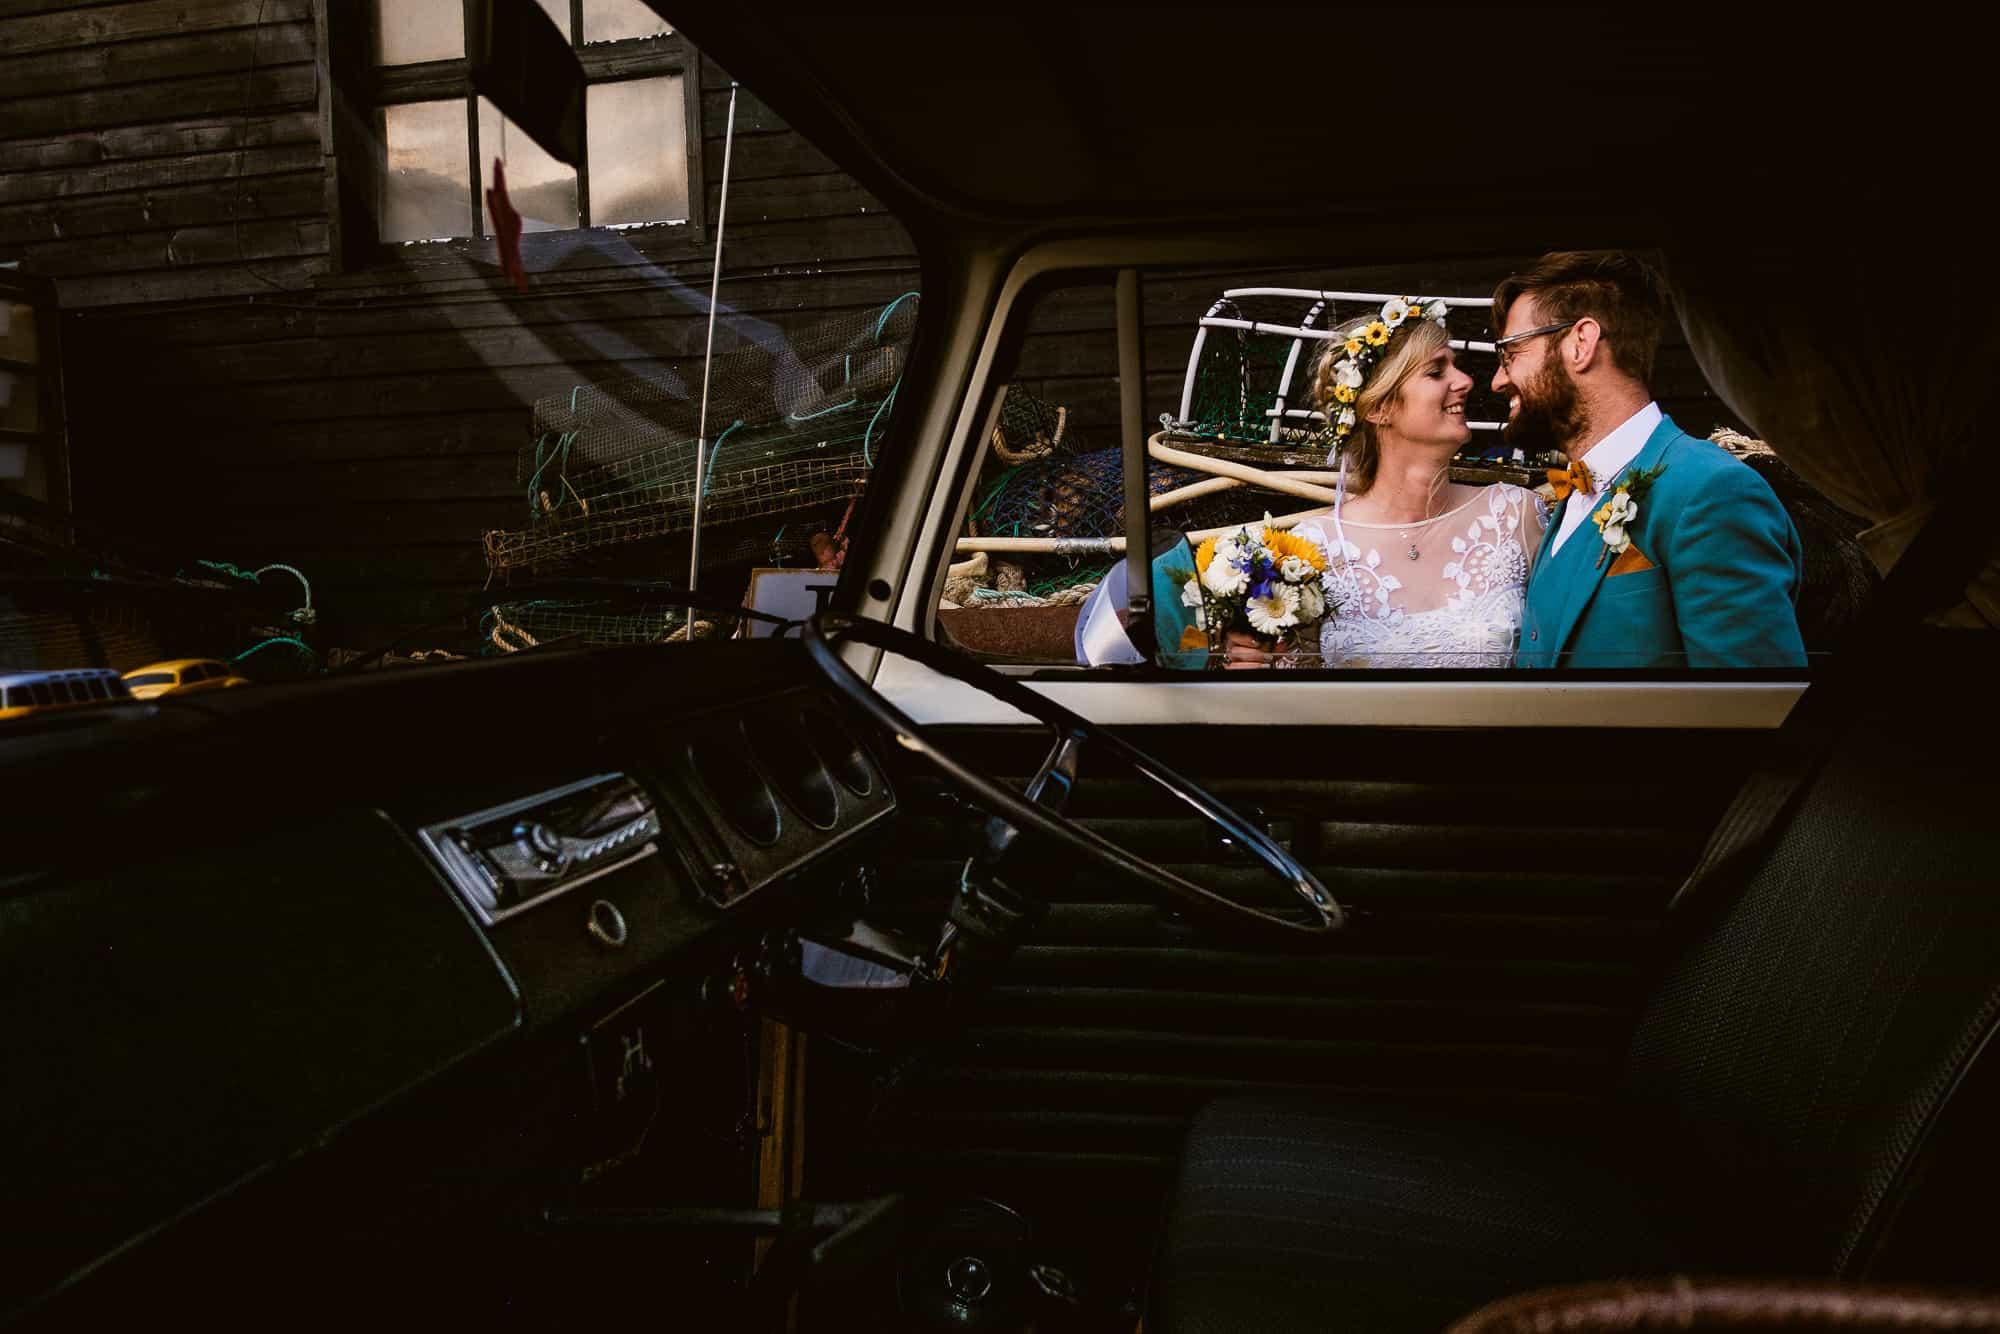 east-quay-wedding-photography-matt-tyler-0075